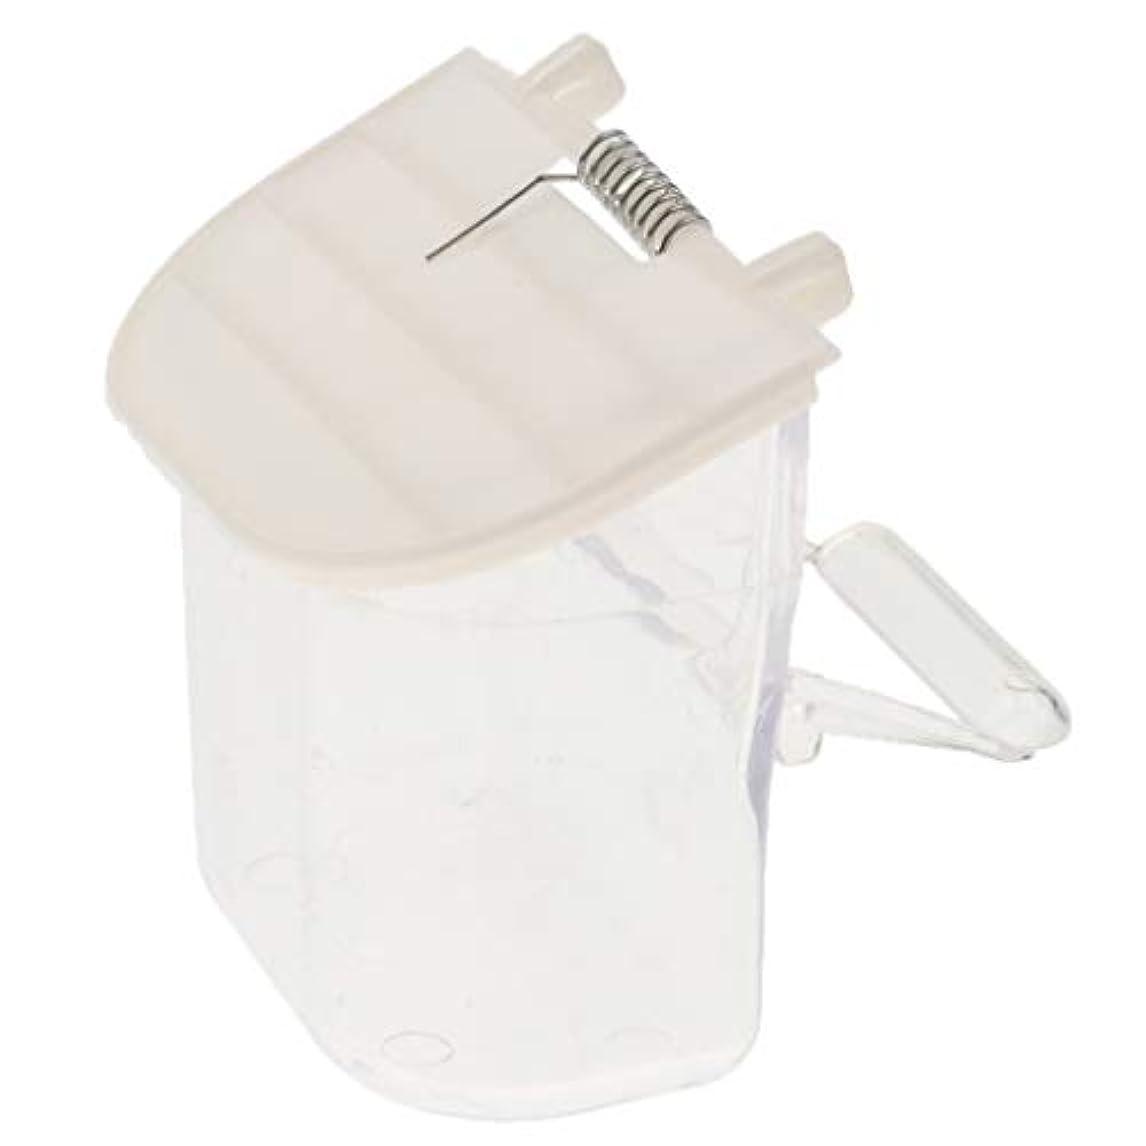 ビババルコニー彼らのものCUTICATE ケージ用スプリットバードシードフィーダーなし、オウム自動採餌食品容器